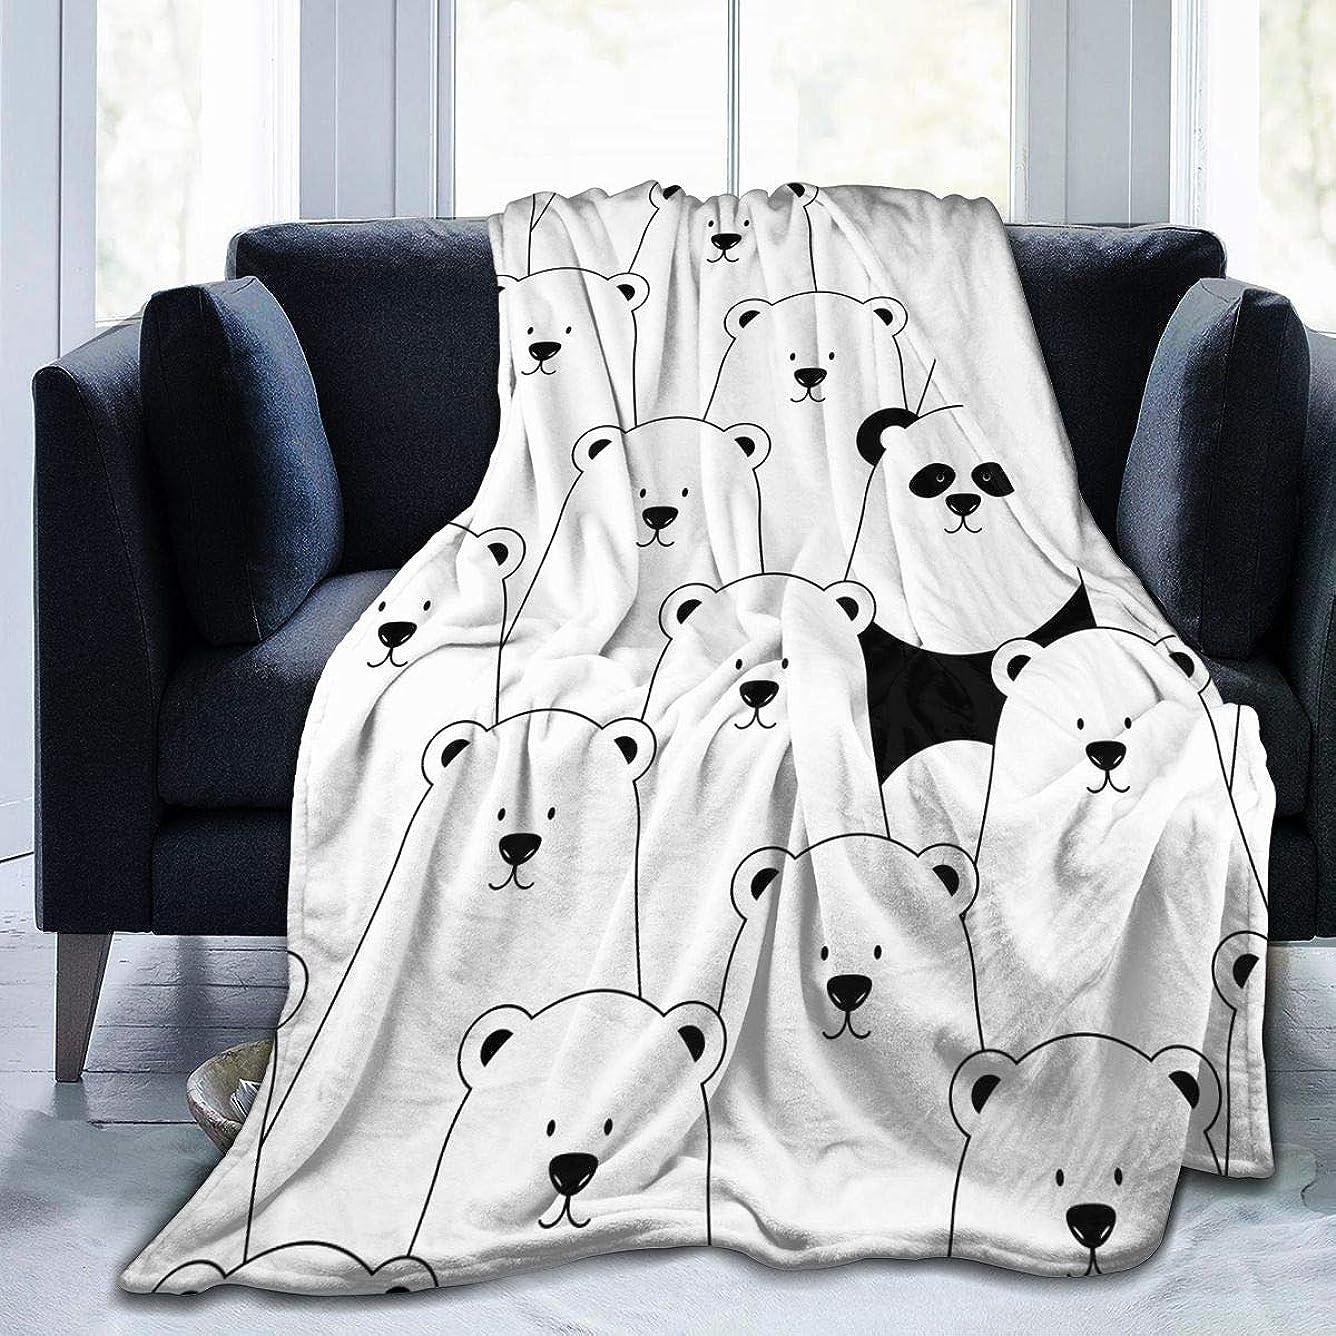 抑圧するコンベンション発疹ホッキョクグマ パンダ 毛布 掛け毛布 ブランケット シングル 暖かい柔らかい ふわふわ フランネル 毛布 三つのサイズ